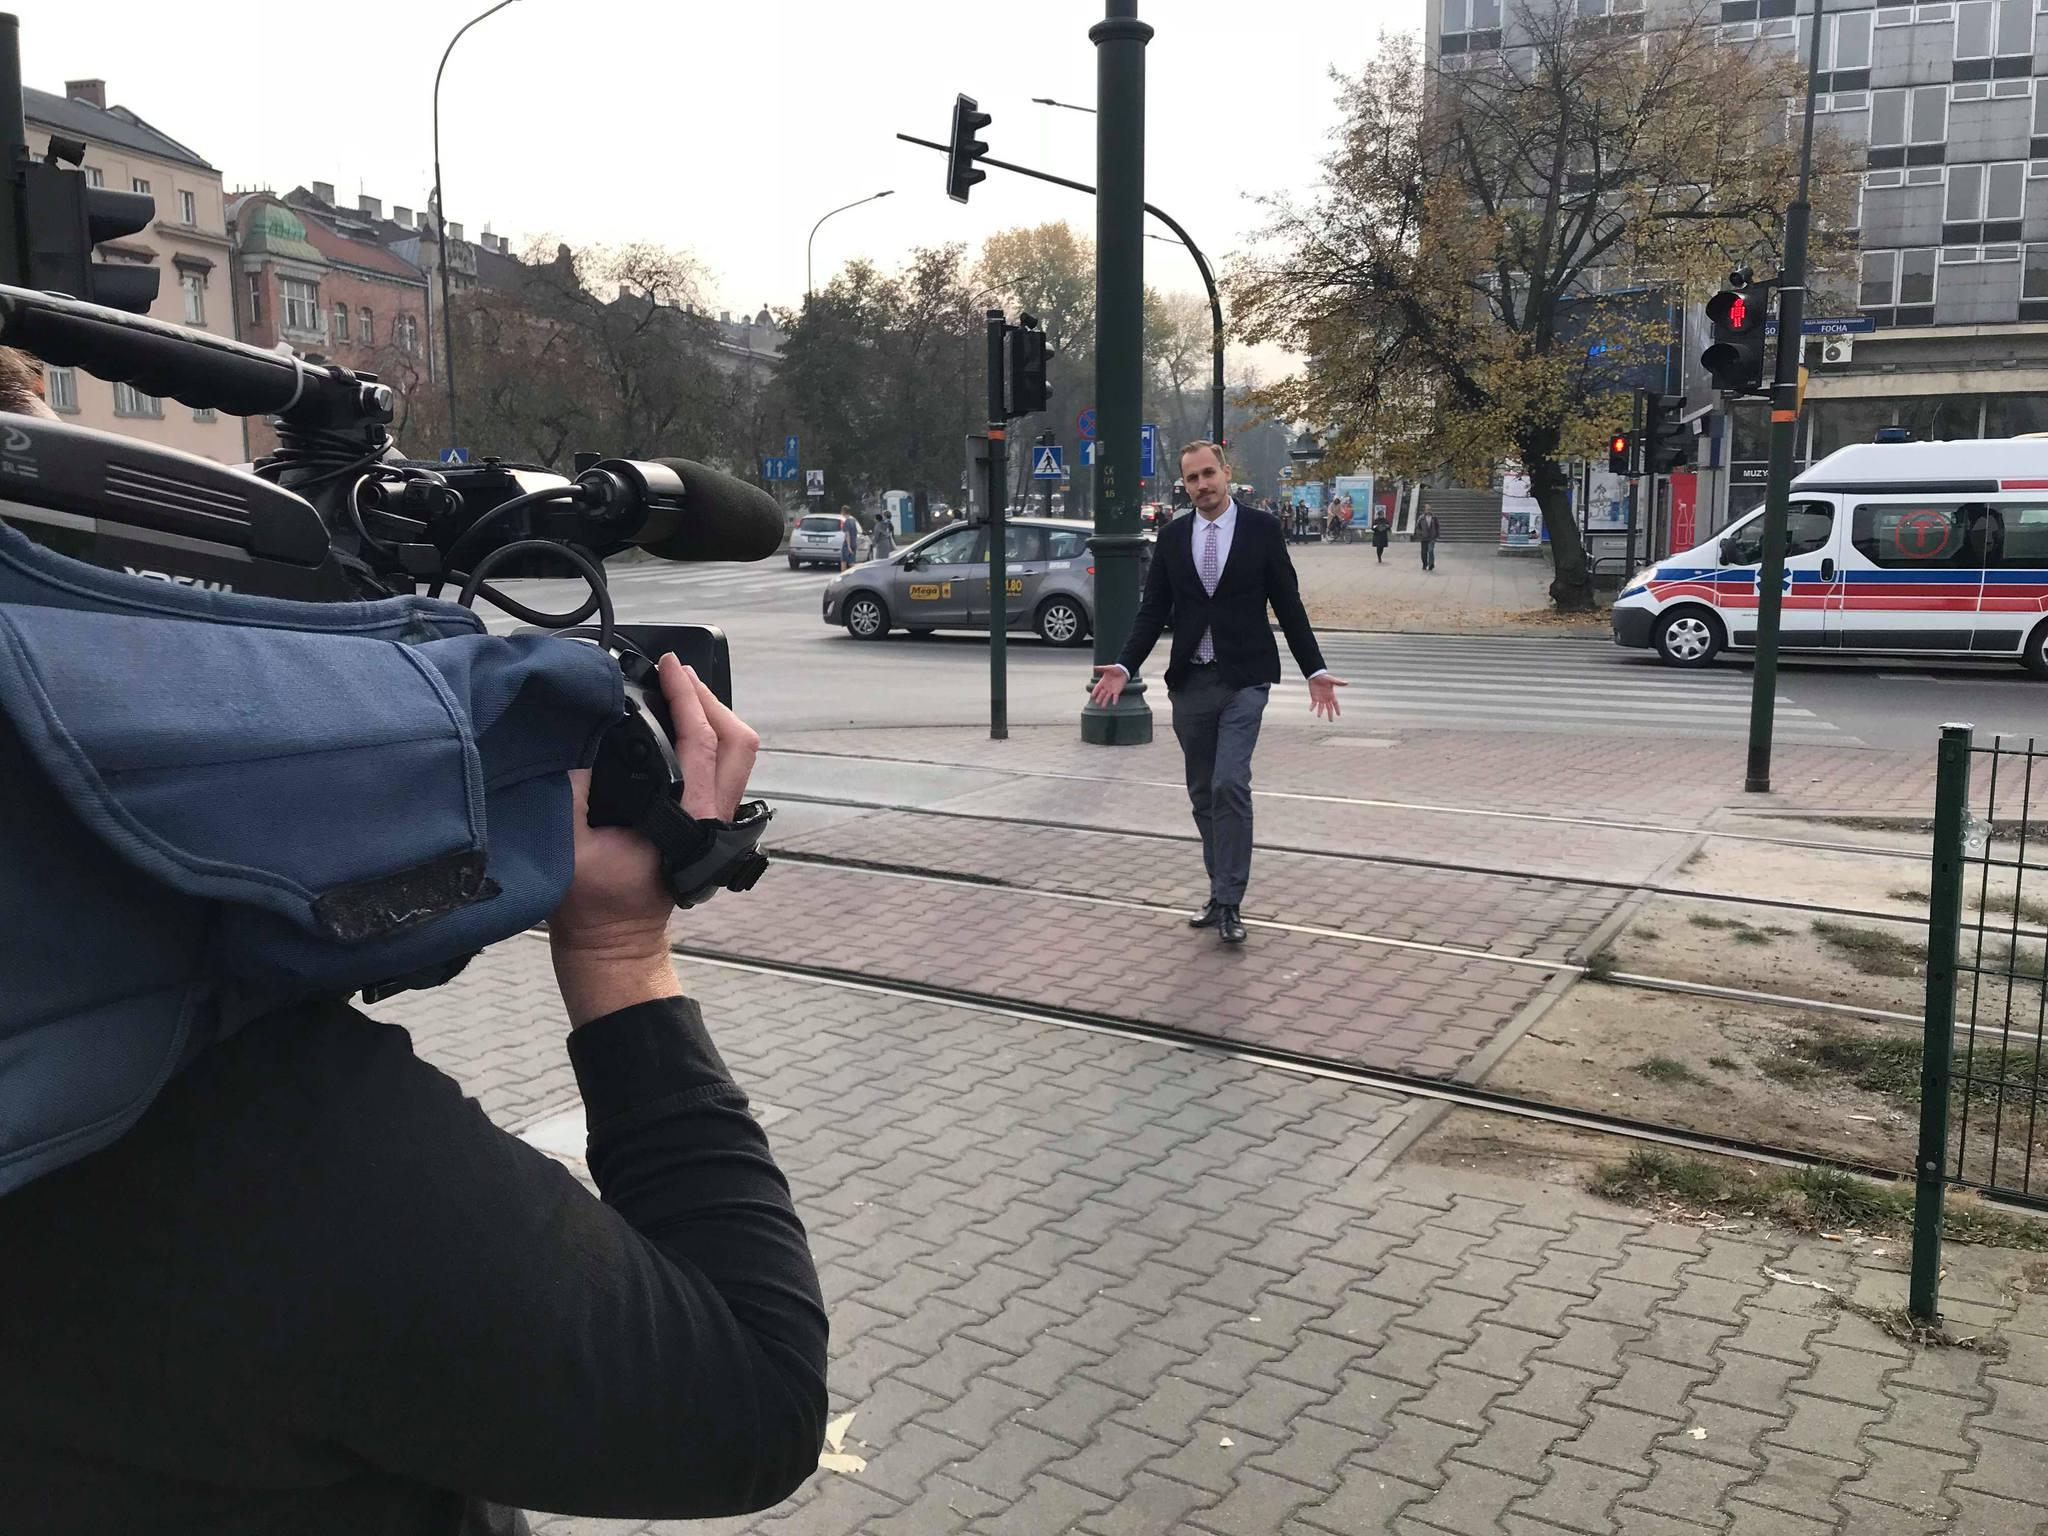 Poseł z Krakowa przeszedł do historii – jako pierwszy miał wystąpienie w Sejmie on-line